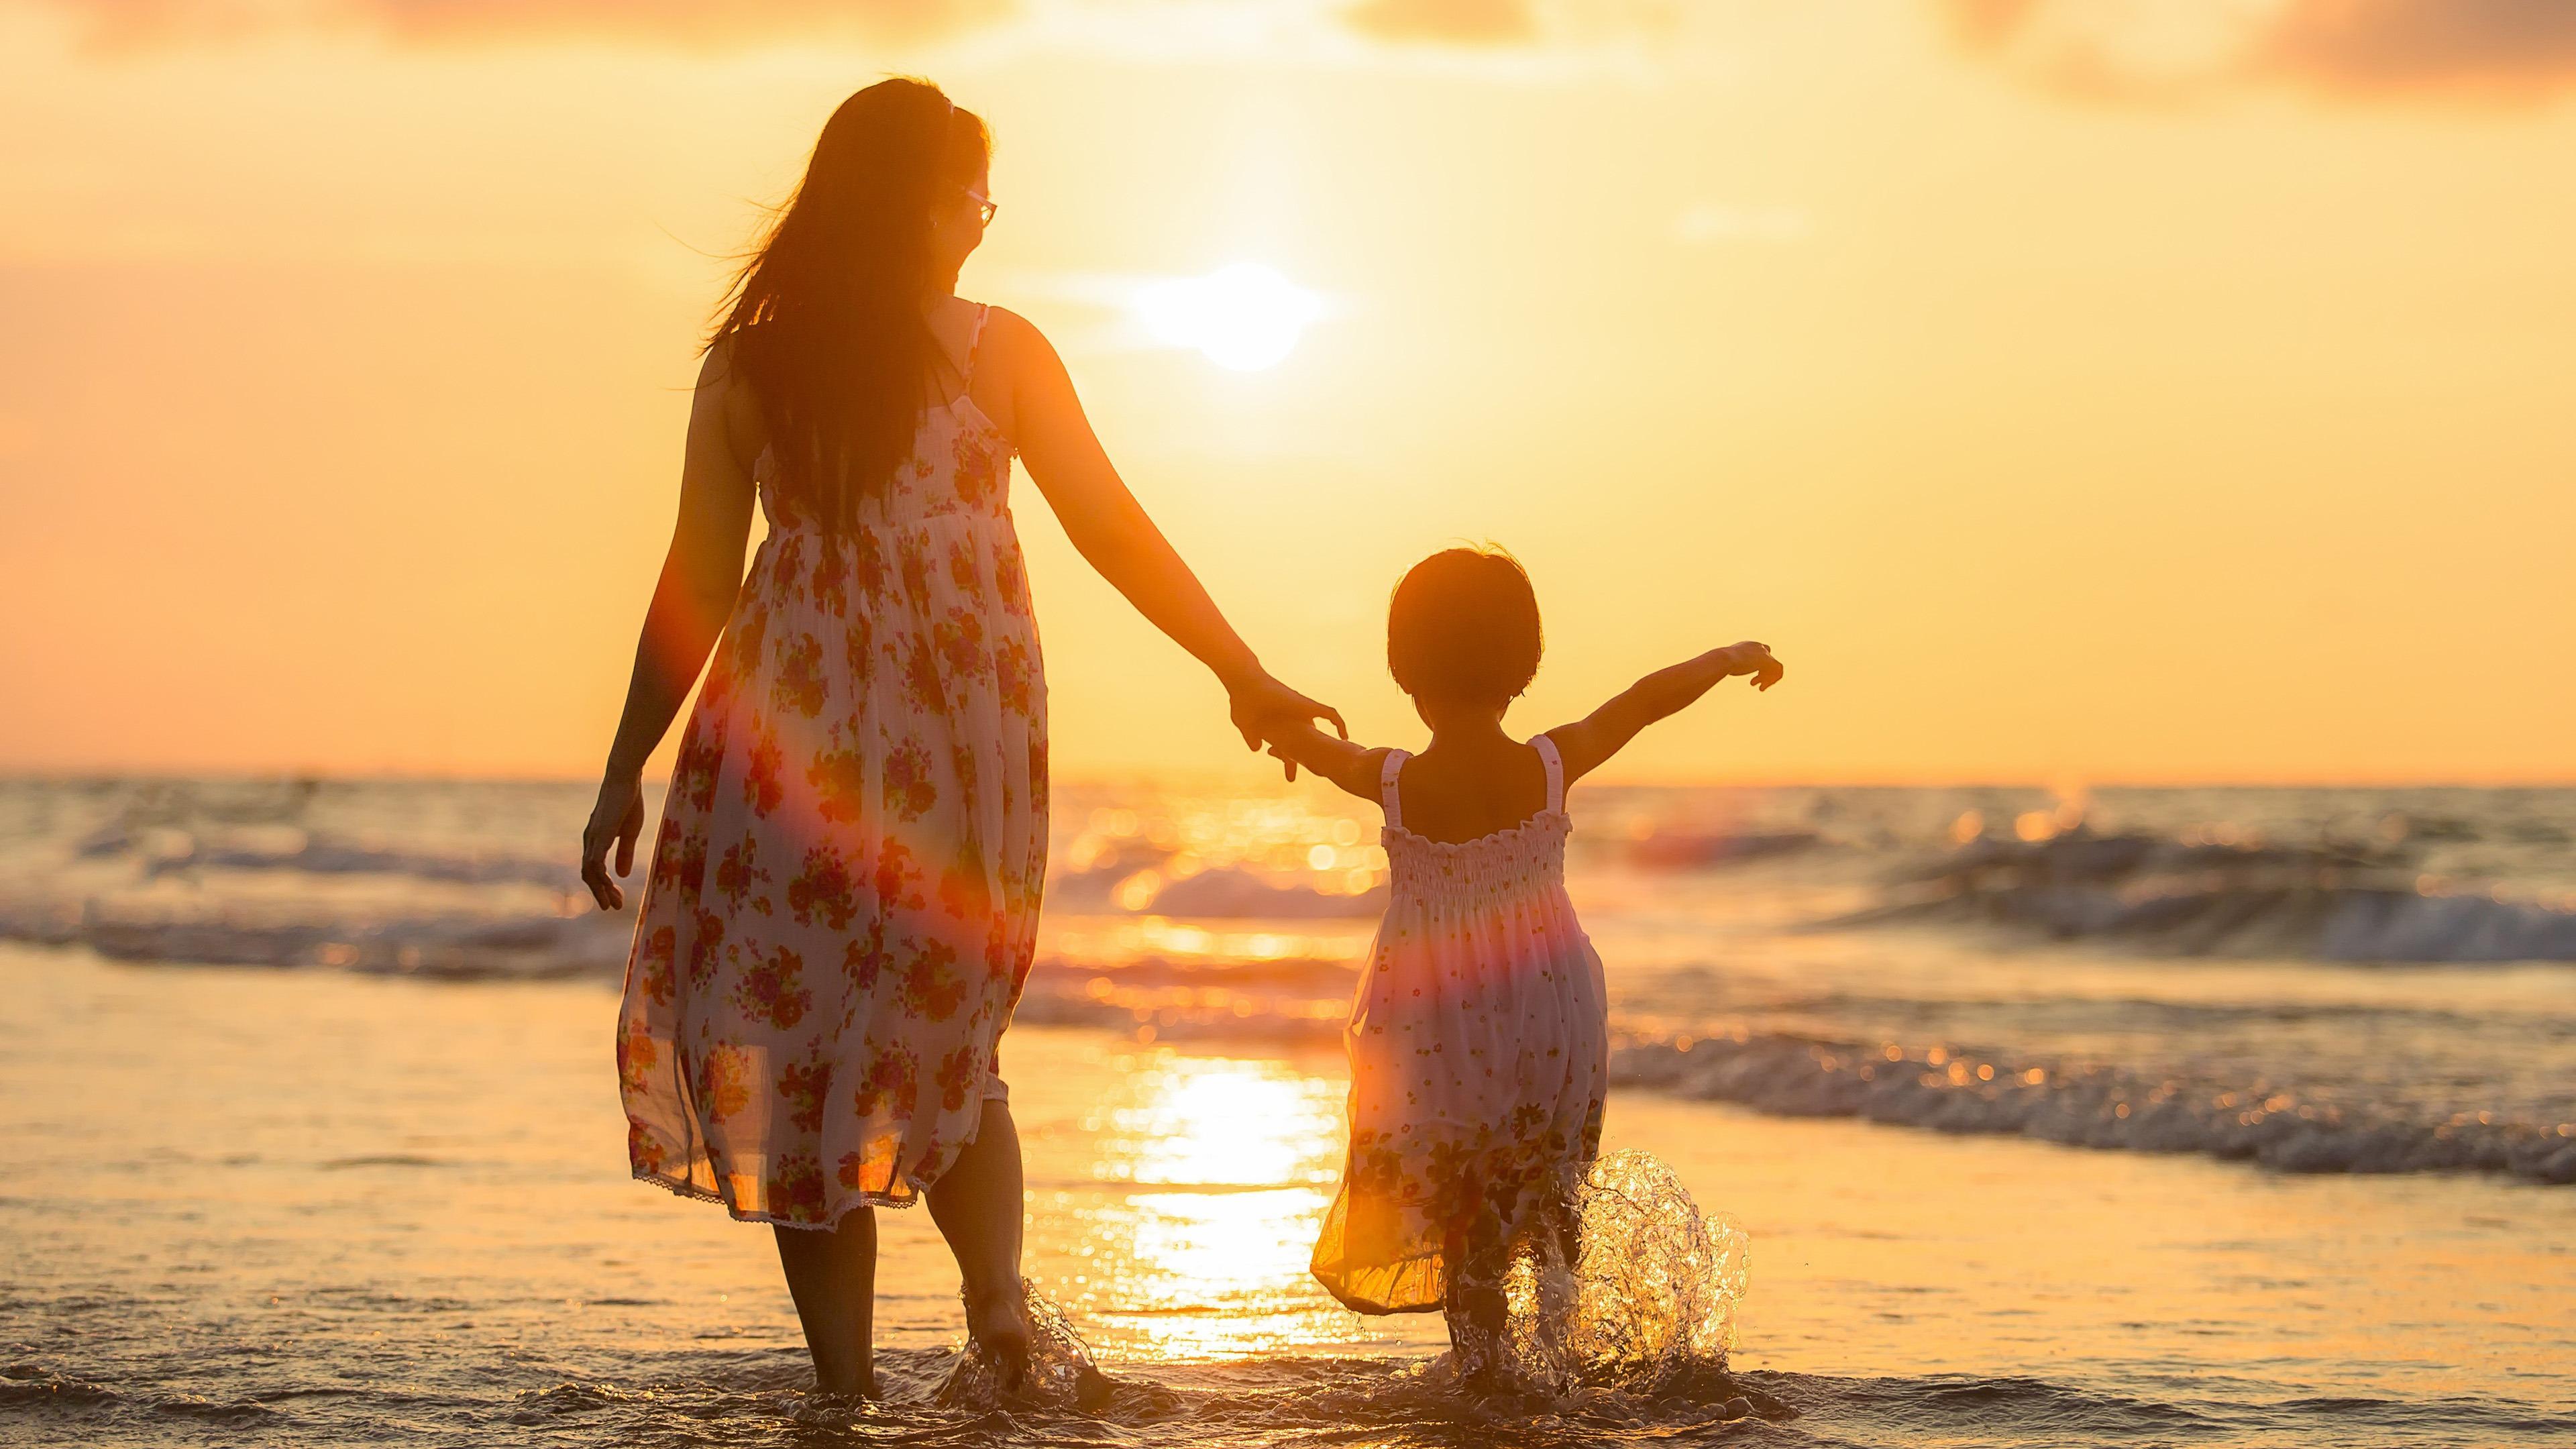 Присутствие детей повлияло на щедрость взрослых